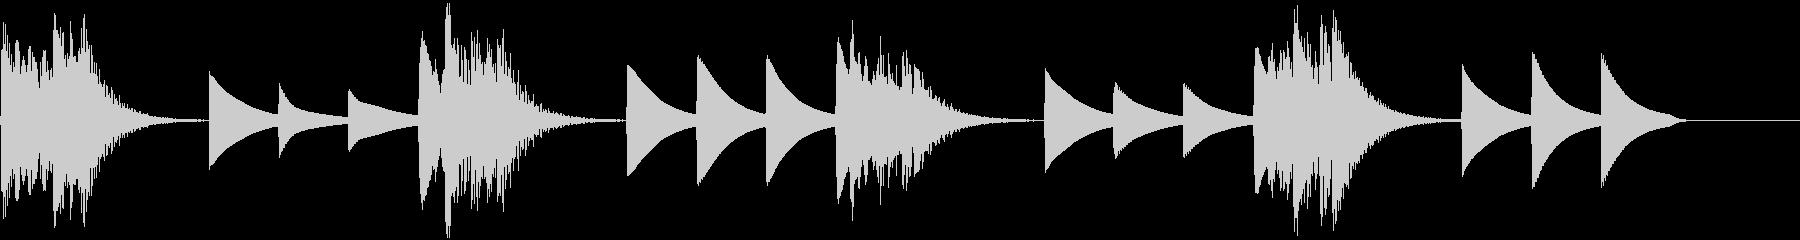 綺麗で印象的な着信音2の未再生の波形